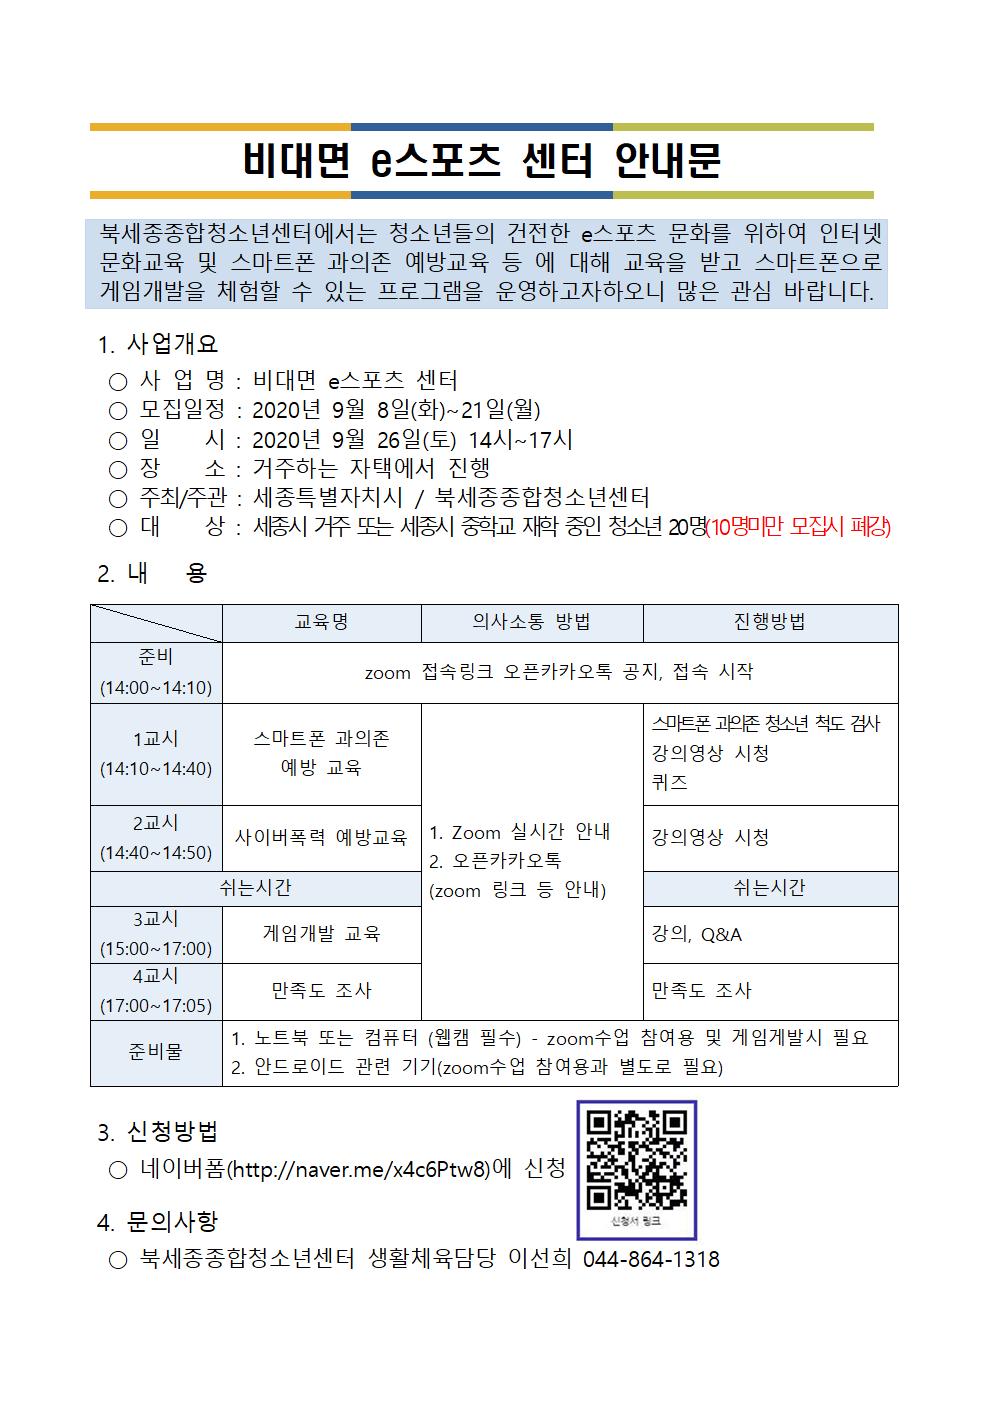 e스포츠센터 안내문001.png